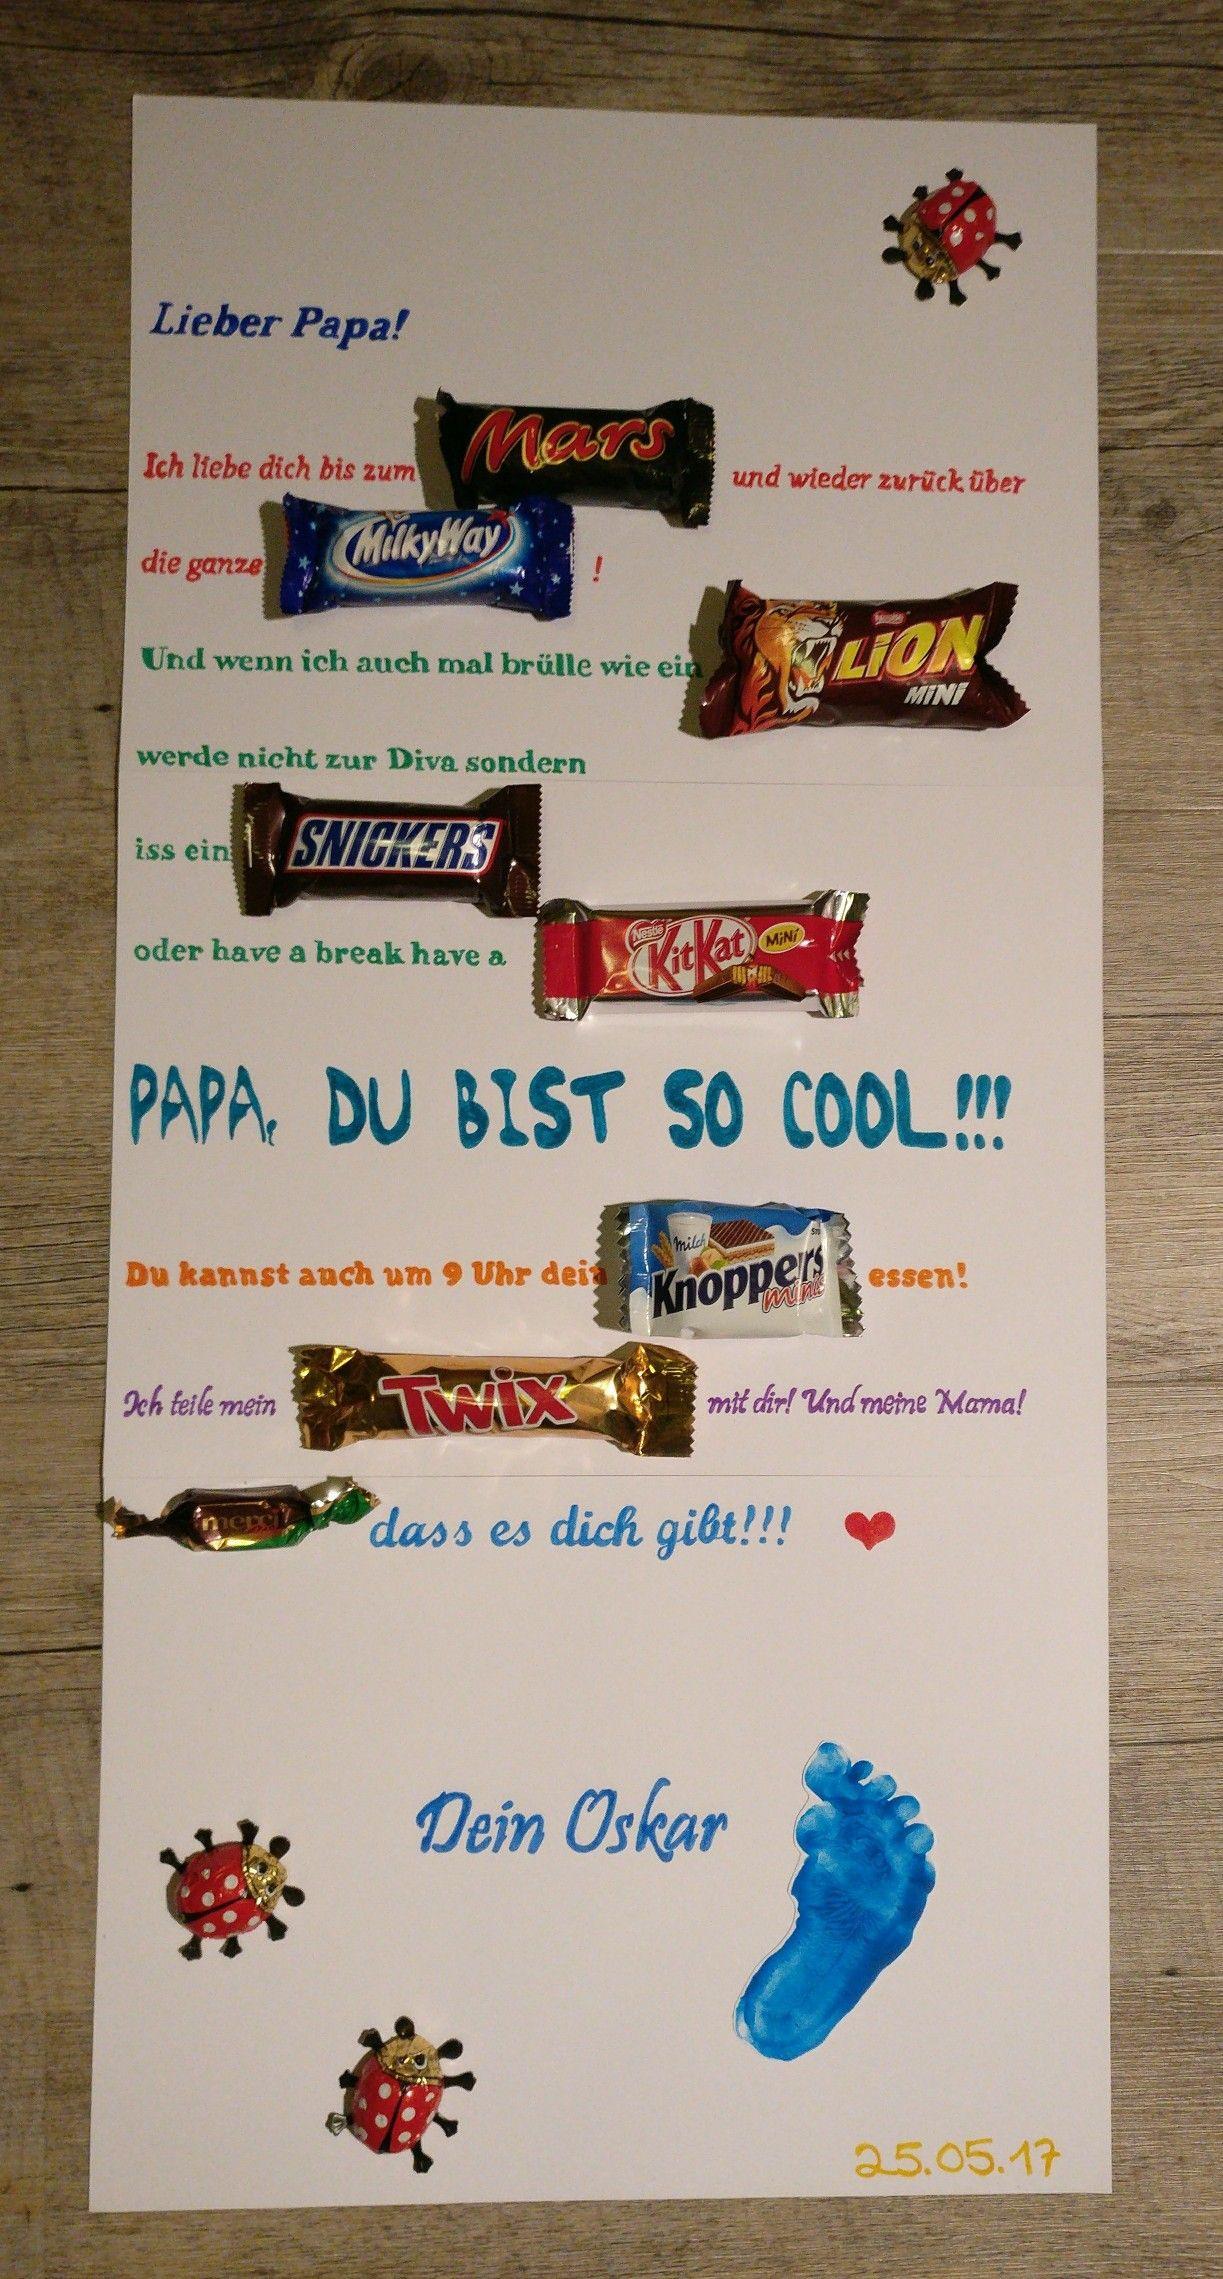 Geschenkideen Kind  Vatertag Mars Milky Way Lion Snickers Kit Kat Knoppers